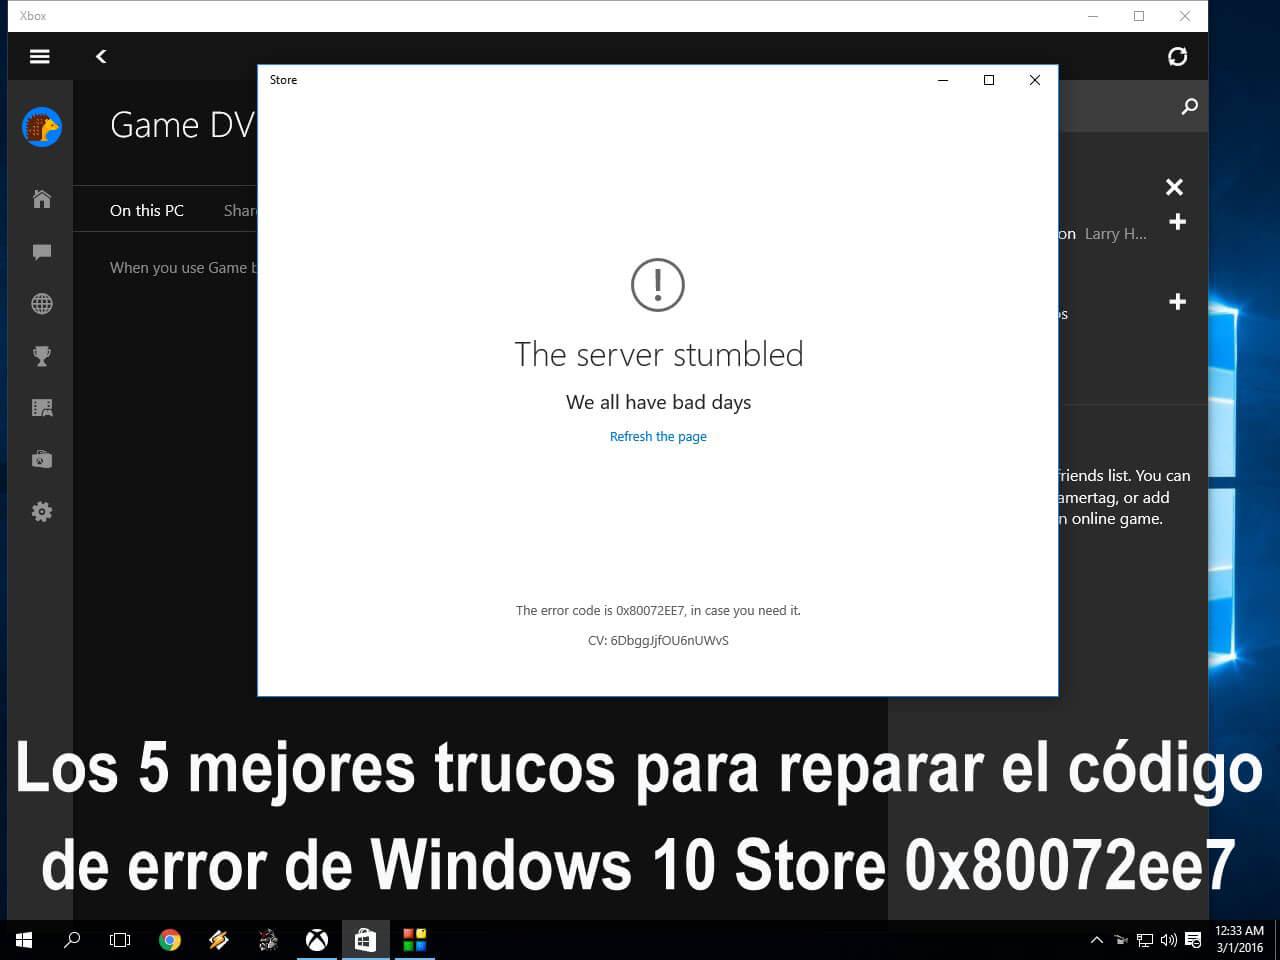 Windows store error 0x80072ee7